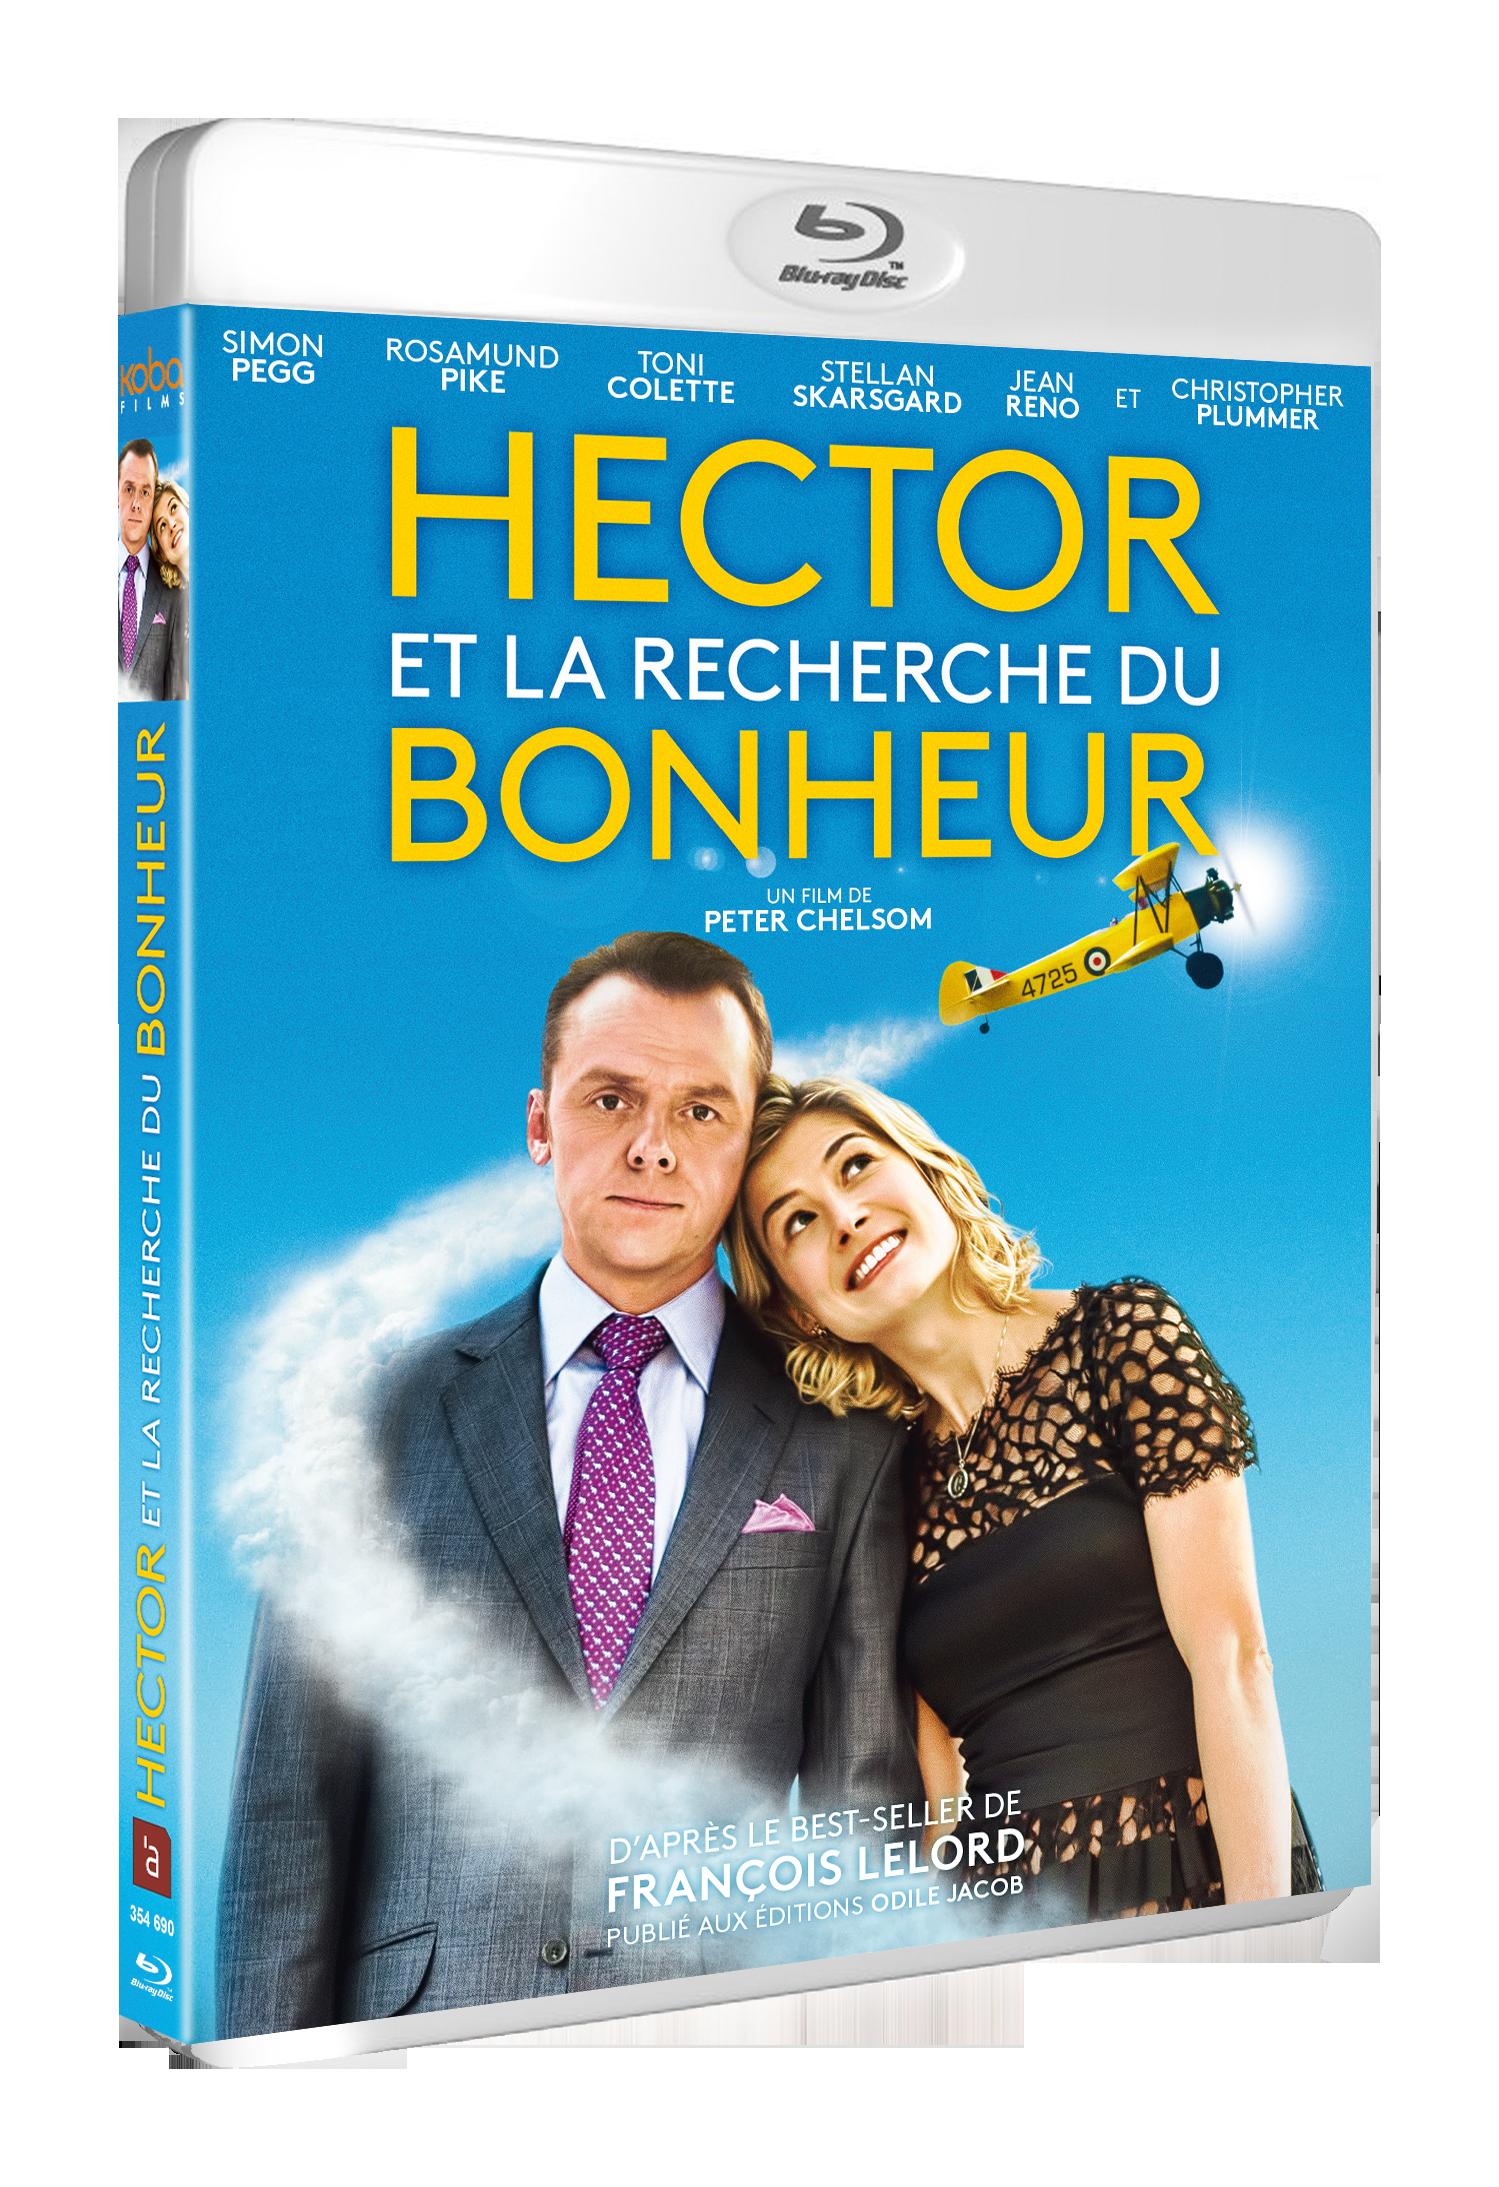 Hector et la recherche du bonheur Blu-ray